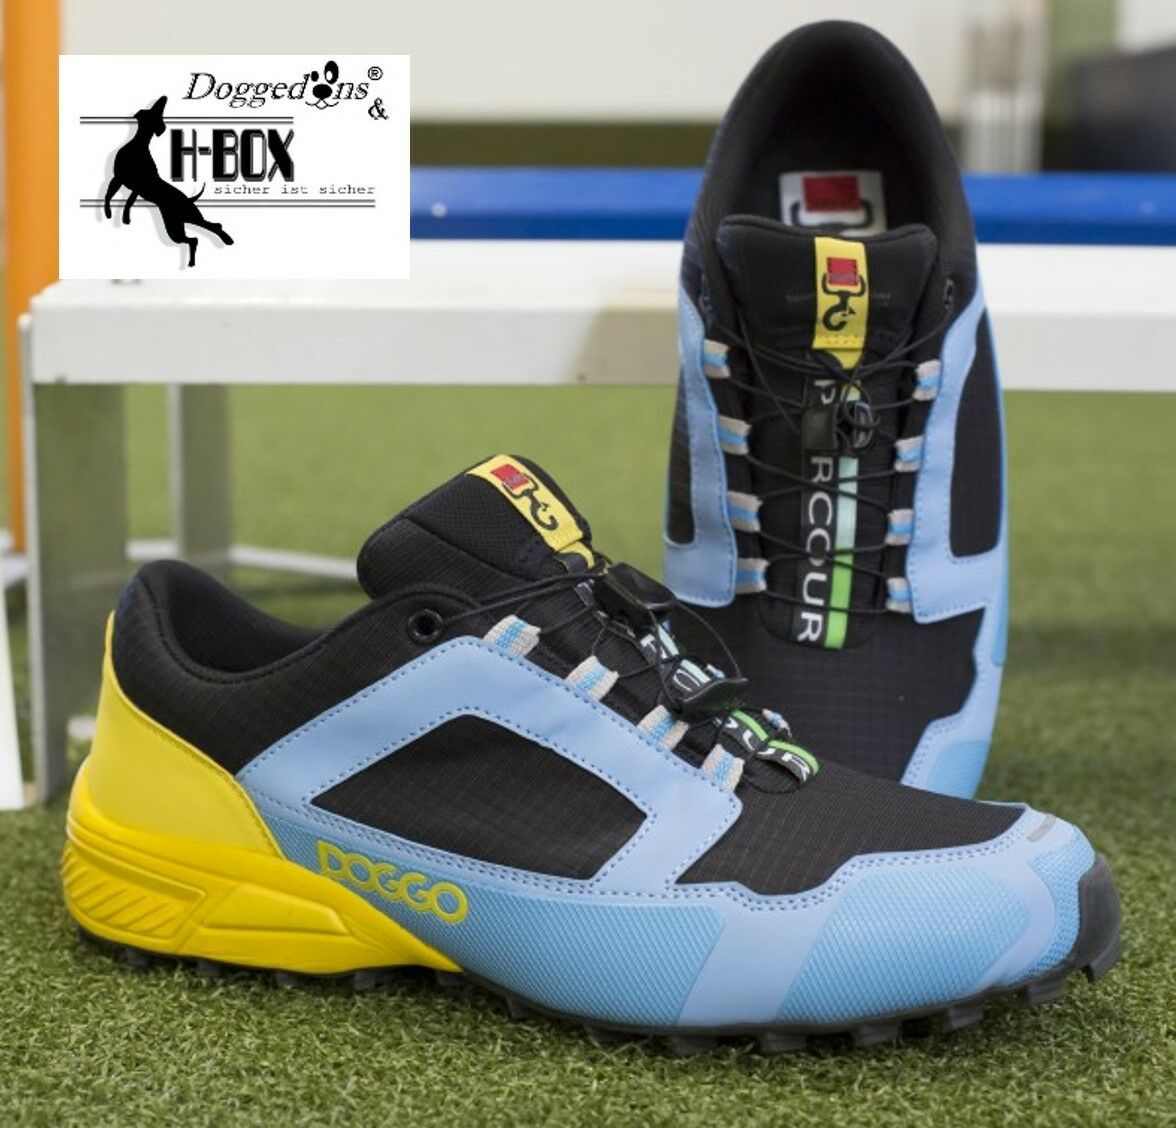 Doggo Parcours,Agilityschuhe,Hundesportschuhe hellblau gelb   | Hohe Qualität und Wirtschaftlichkeit